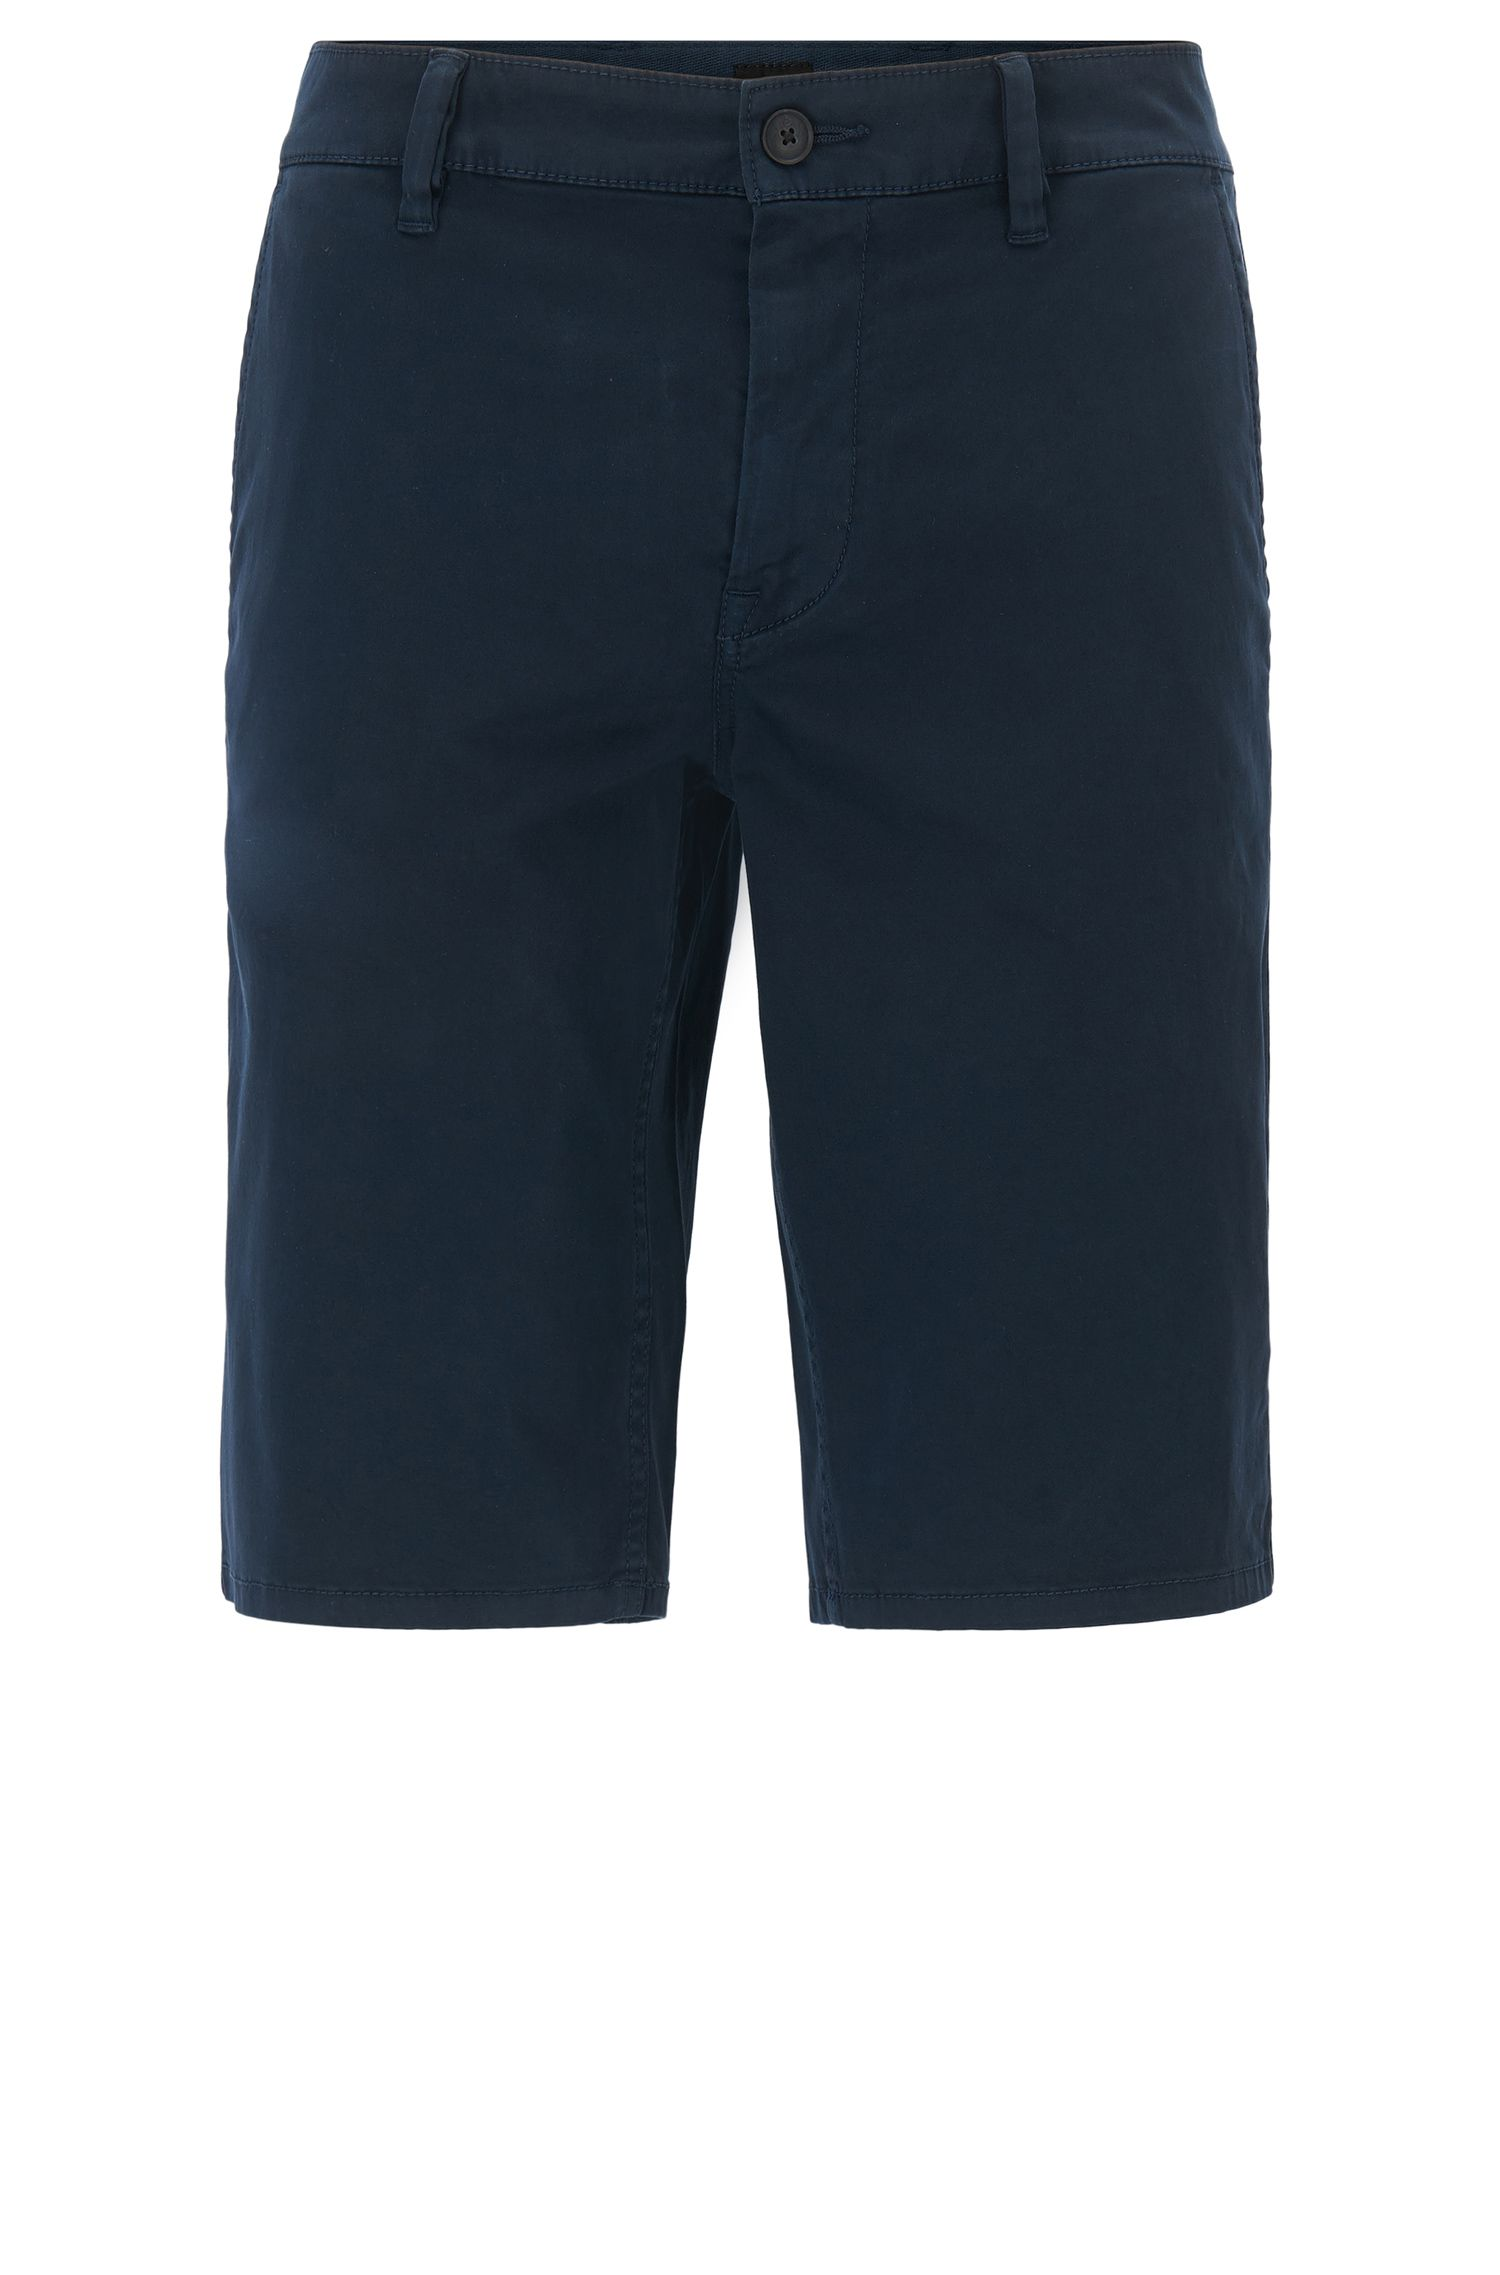 Pantaloncini chino in cotone elasticizzato con passanti doppi